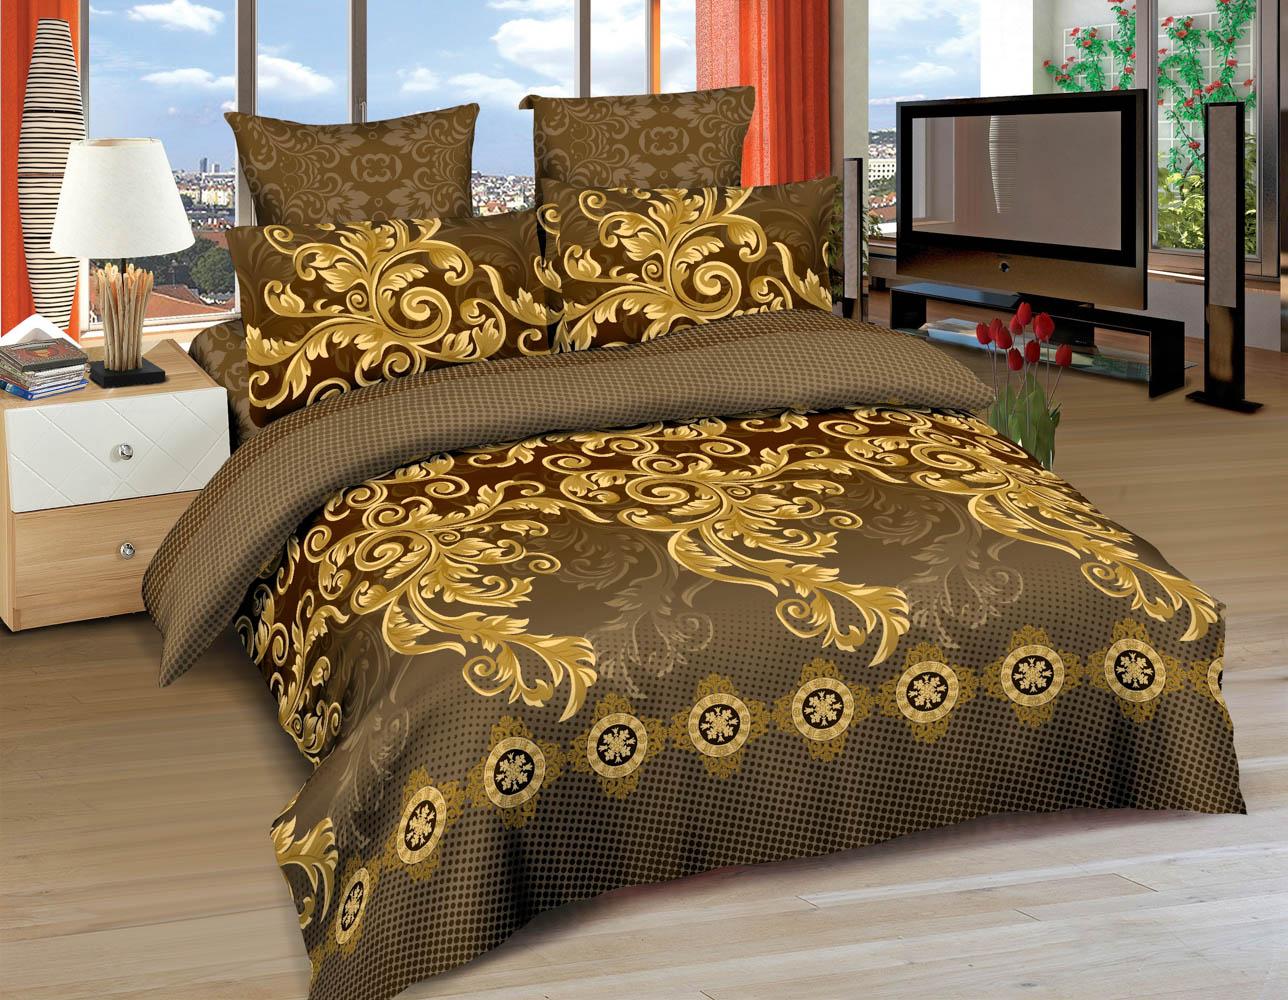 Постельное белье Amore Mio Постельное белье Fortaleza (2 сп) постельное белье amore mio постельное белье glasgow 2 сп евро